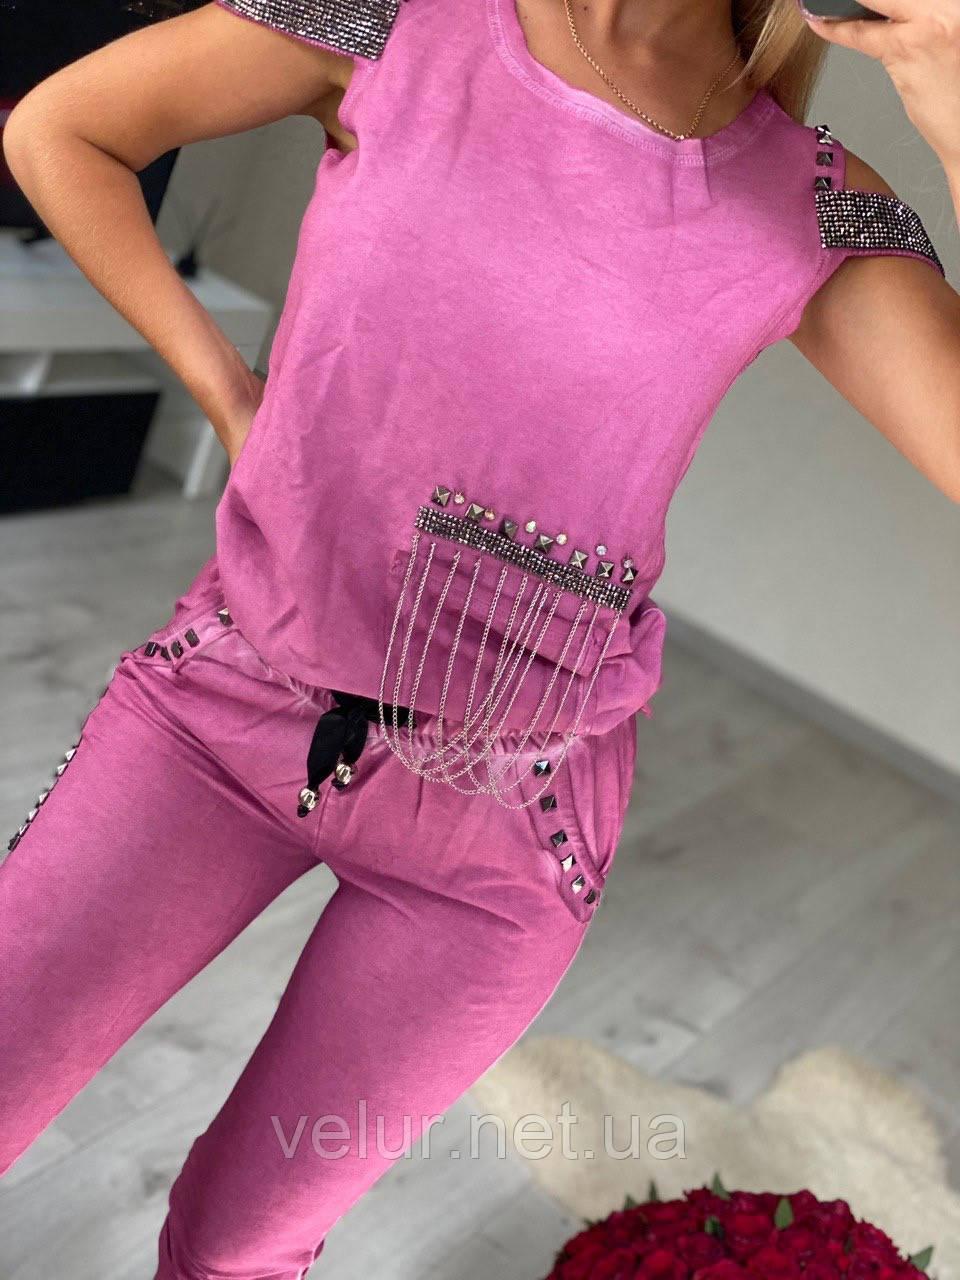 Жіночий трикотажний костюм (Туреччина); розміри S, M, 2 кольори.